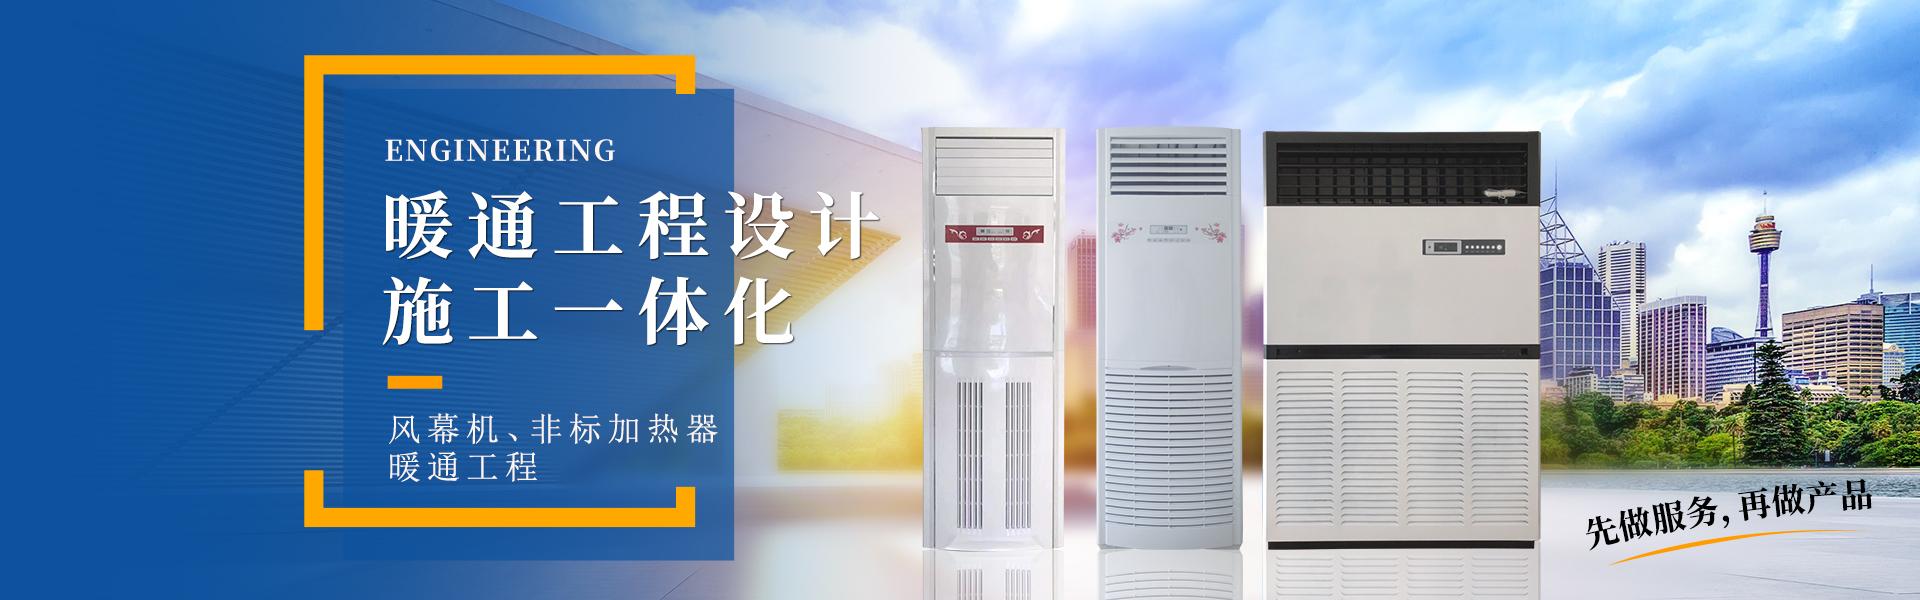 风幕机、非标加热器、暖通工程设计施工一体化